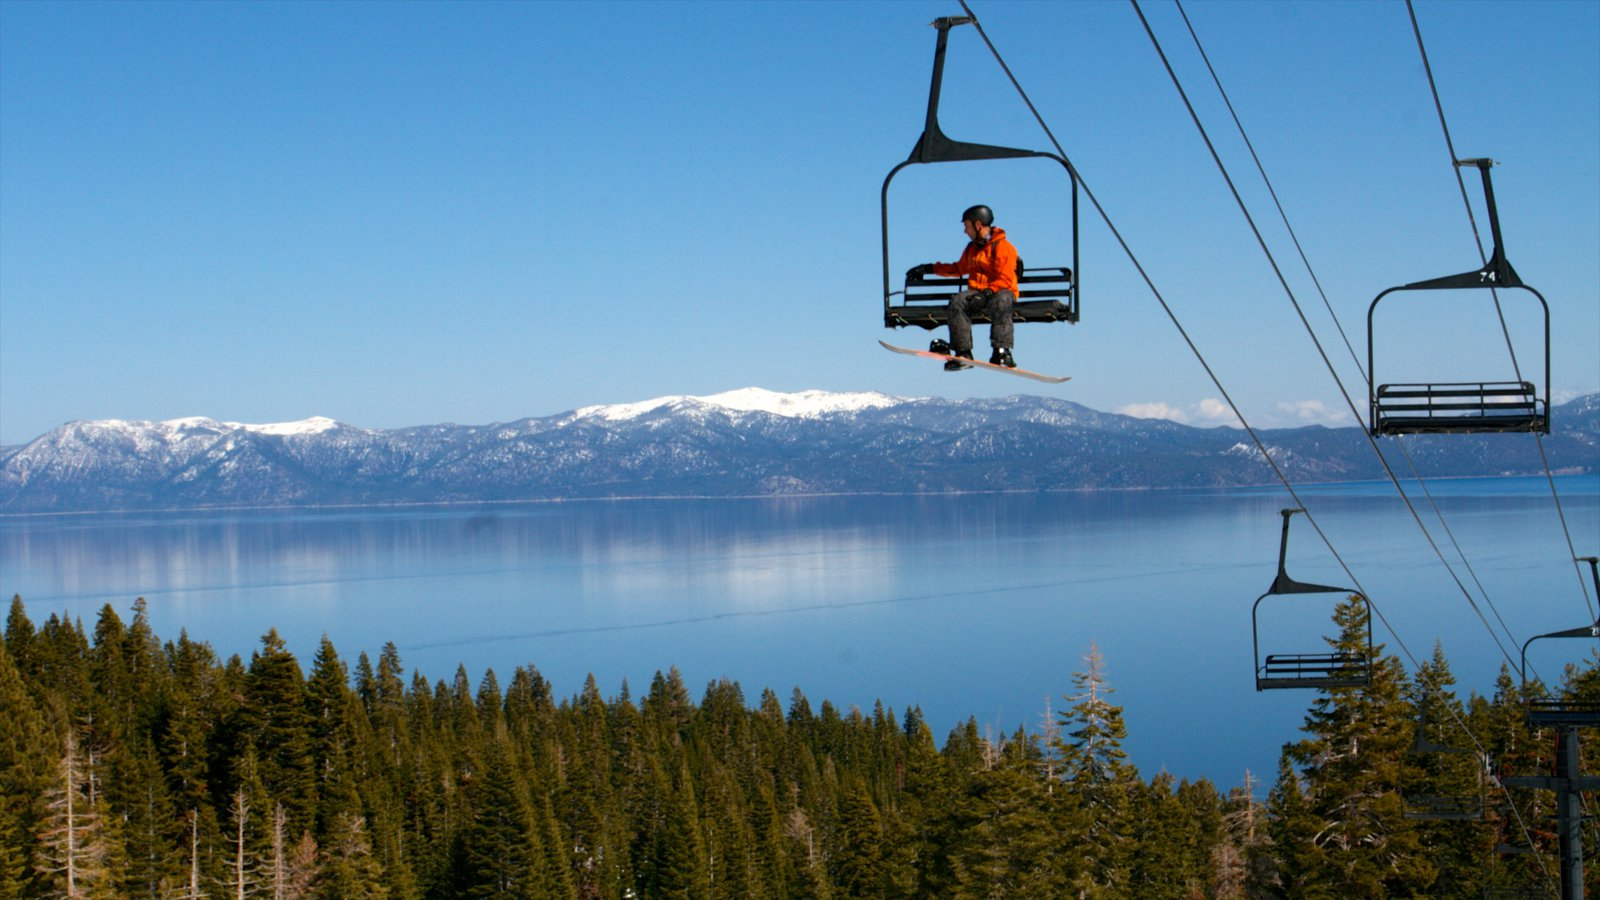 Homewood Mountain Resort mostrando esquiar en la nieve, una góndola y un lago o abrevadero